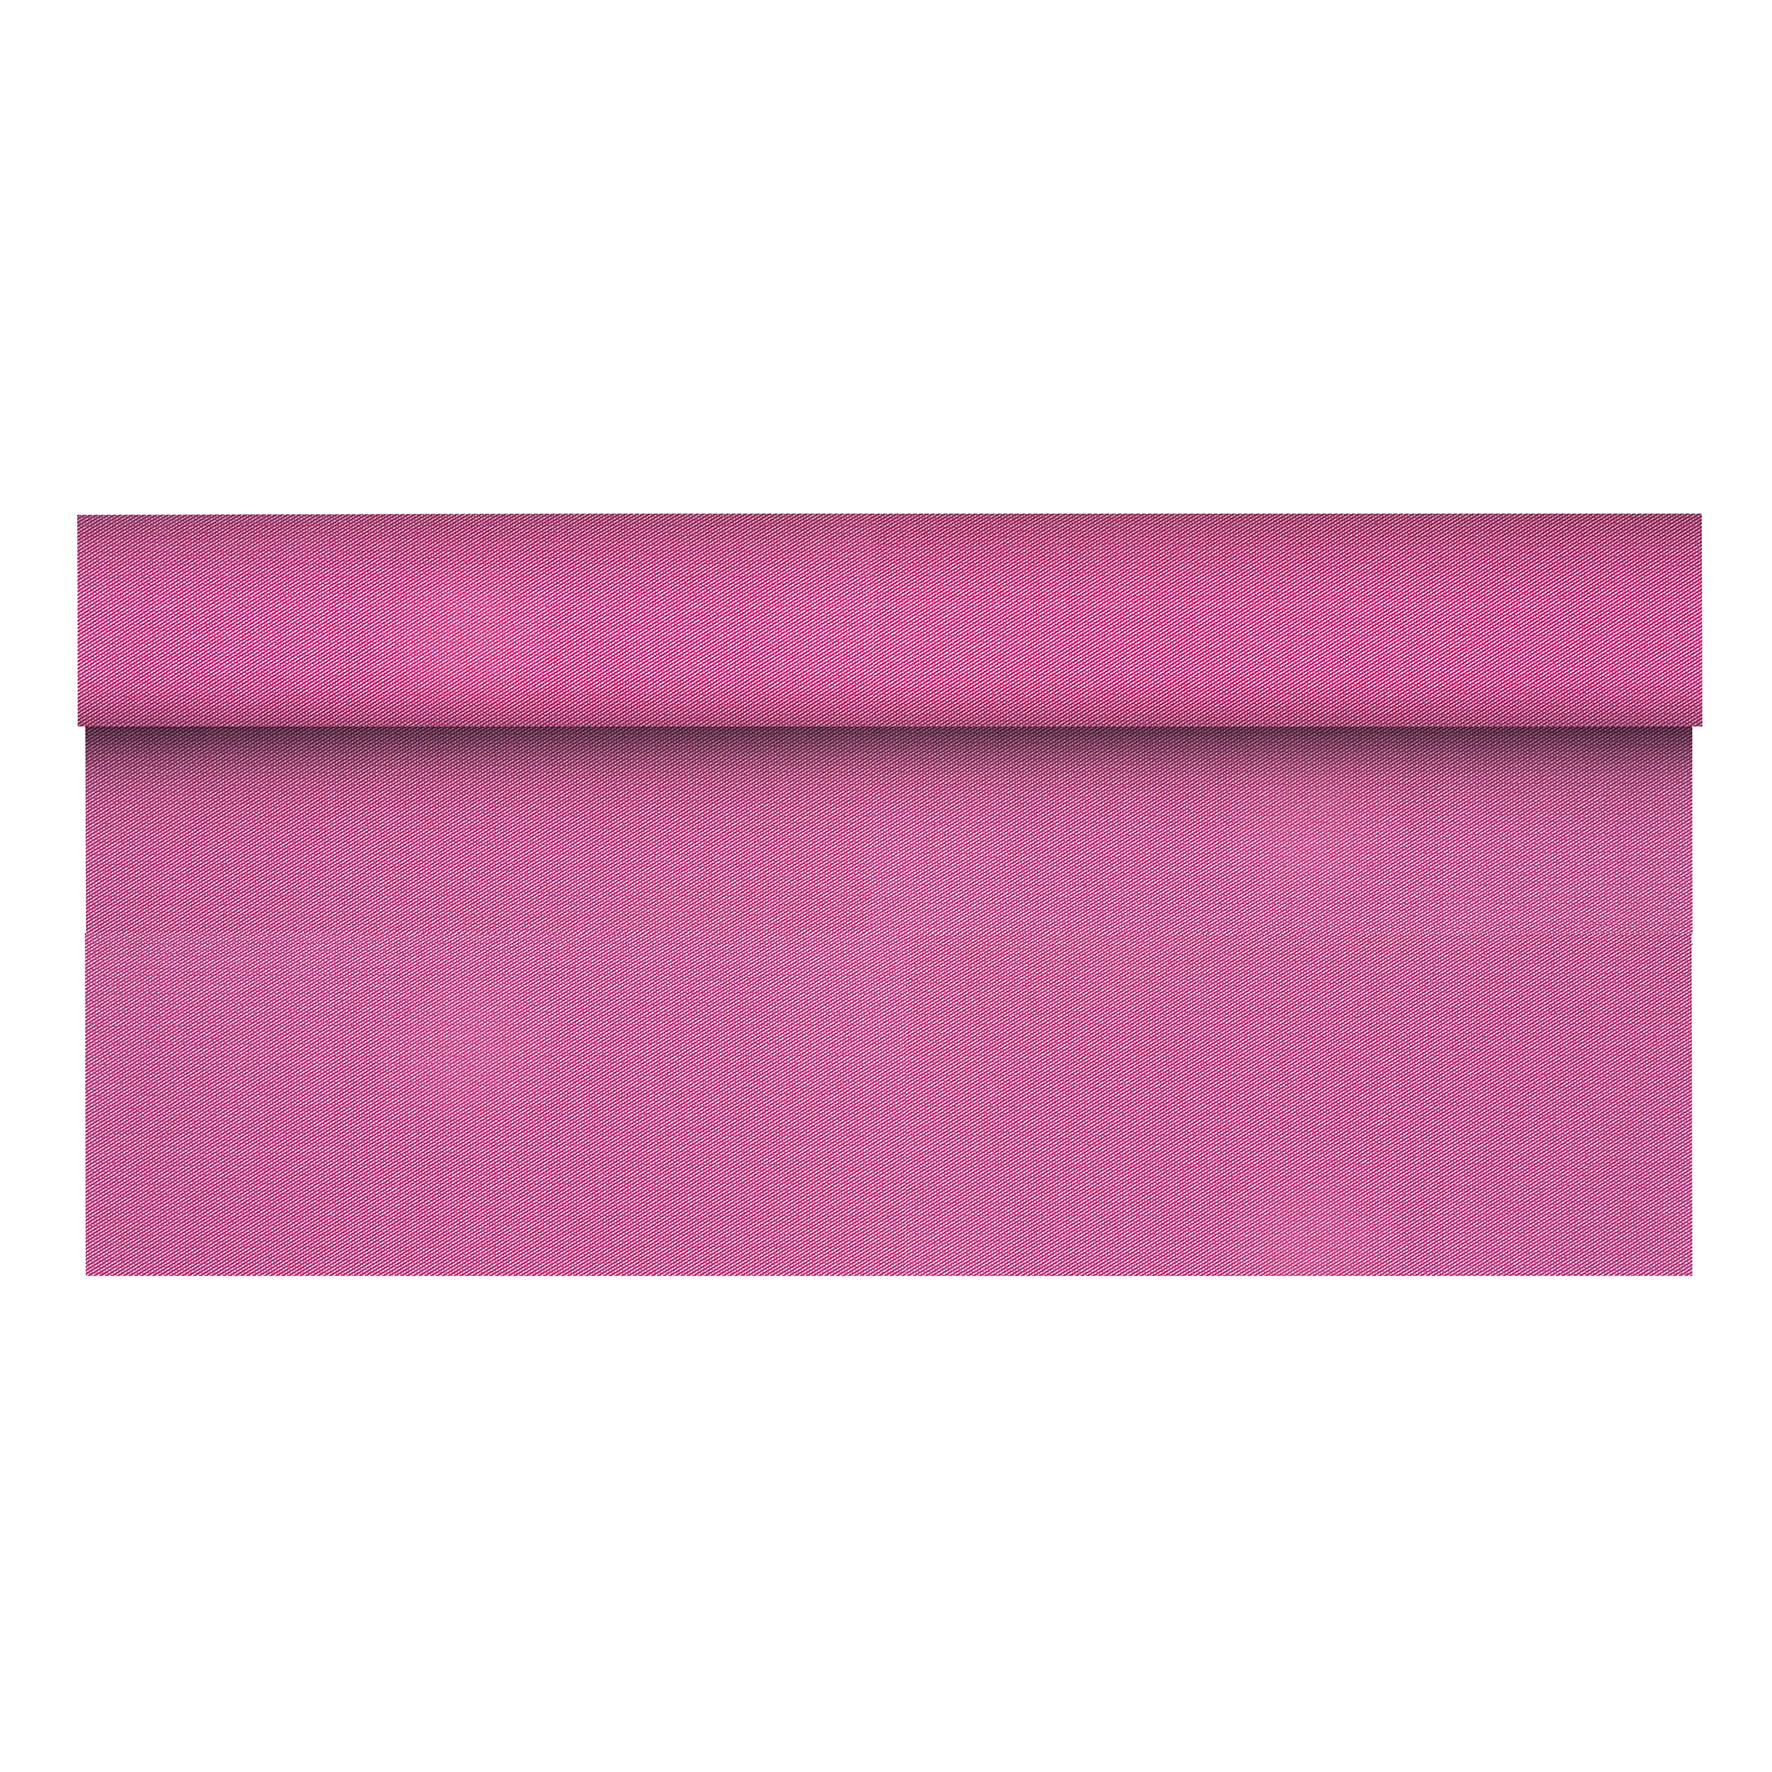 1 43 1m tischdecke 25m x 1 18m fuchsia auf rolle von papstar ebay. Black Bedroom Furniture Sets. Home Design Ideas